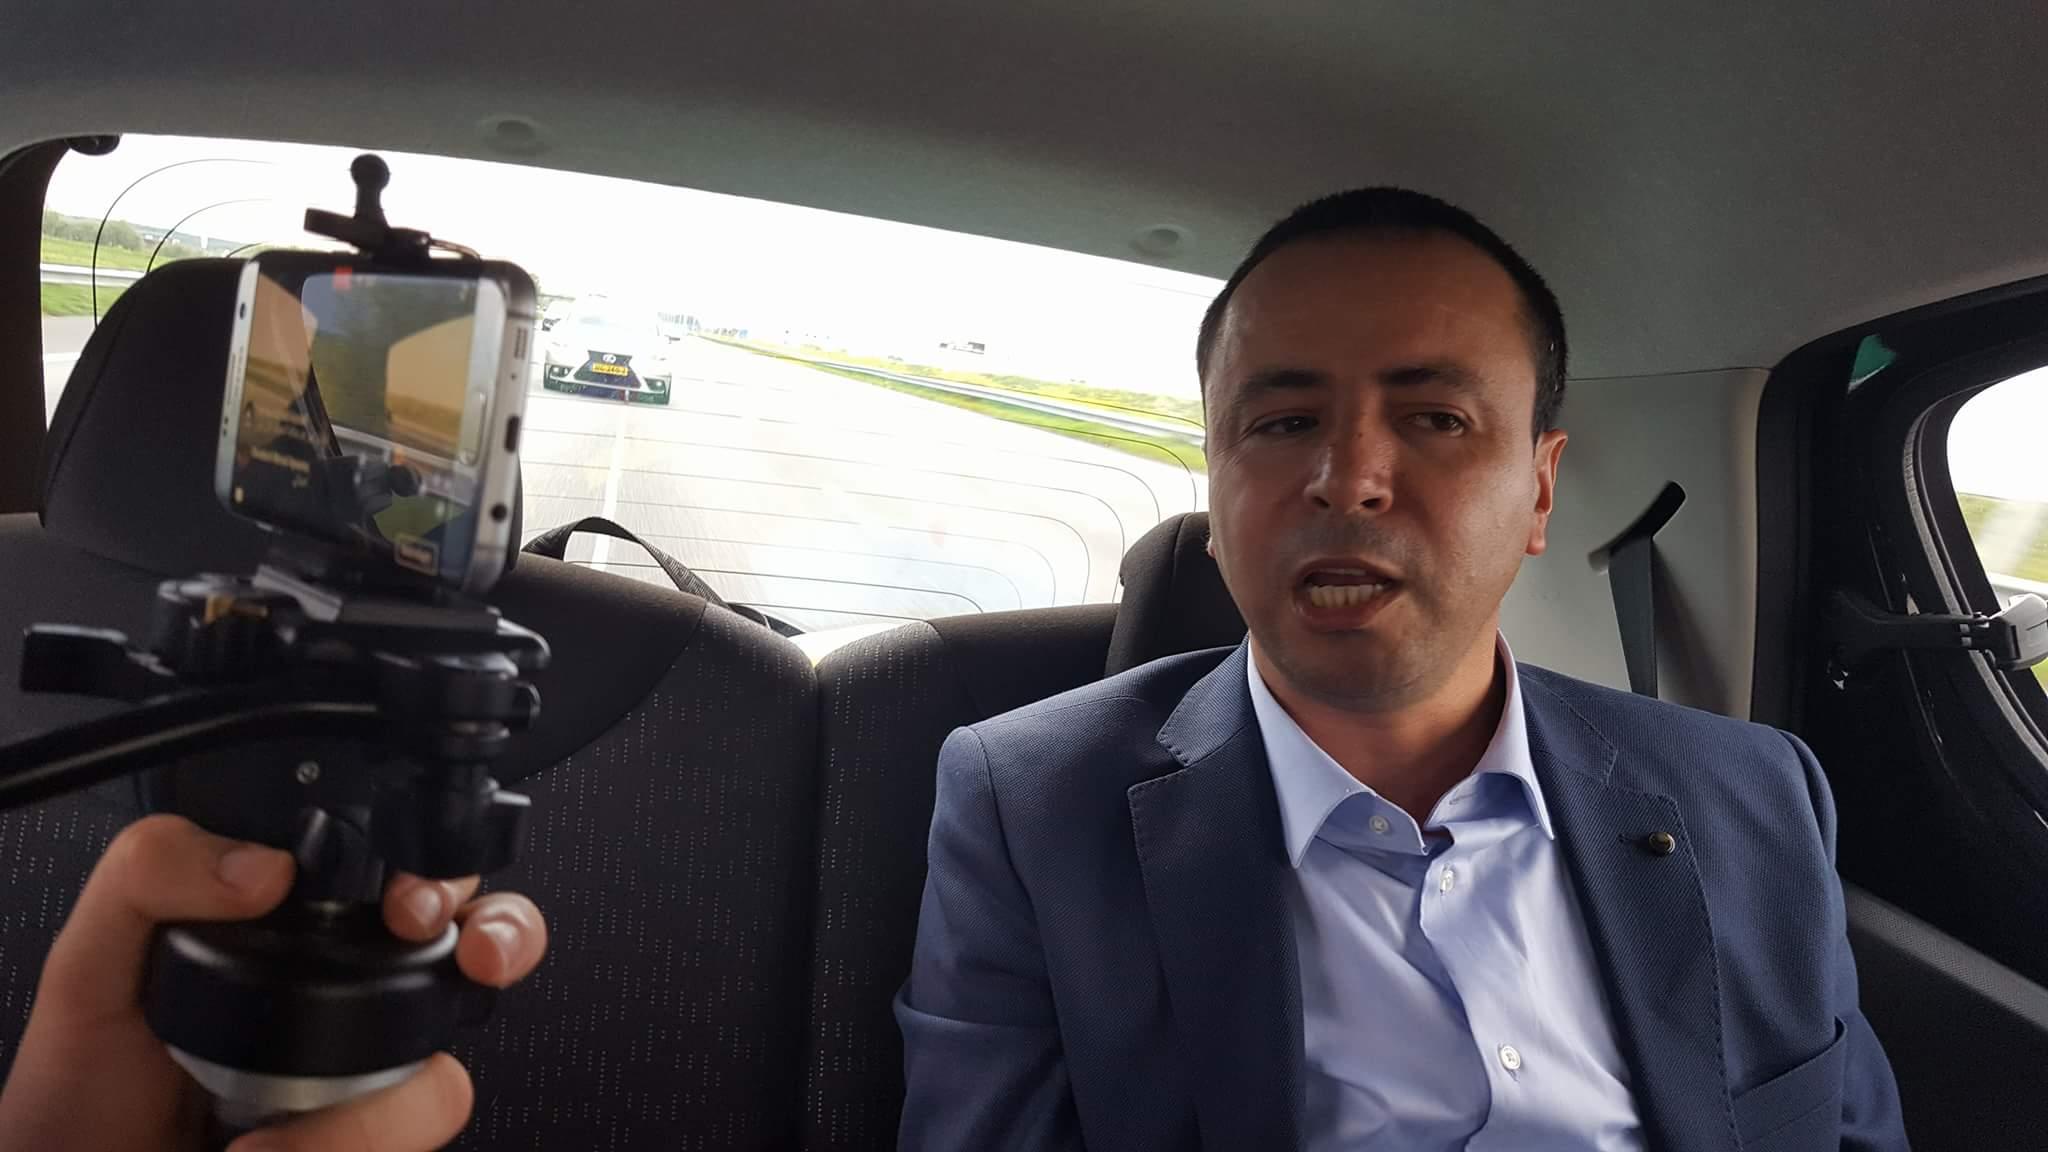 Riffijnse advocaat El Bouchtaoui veroordeeld